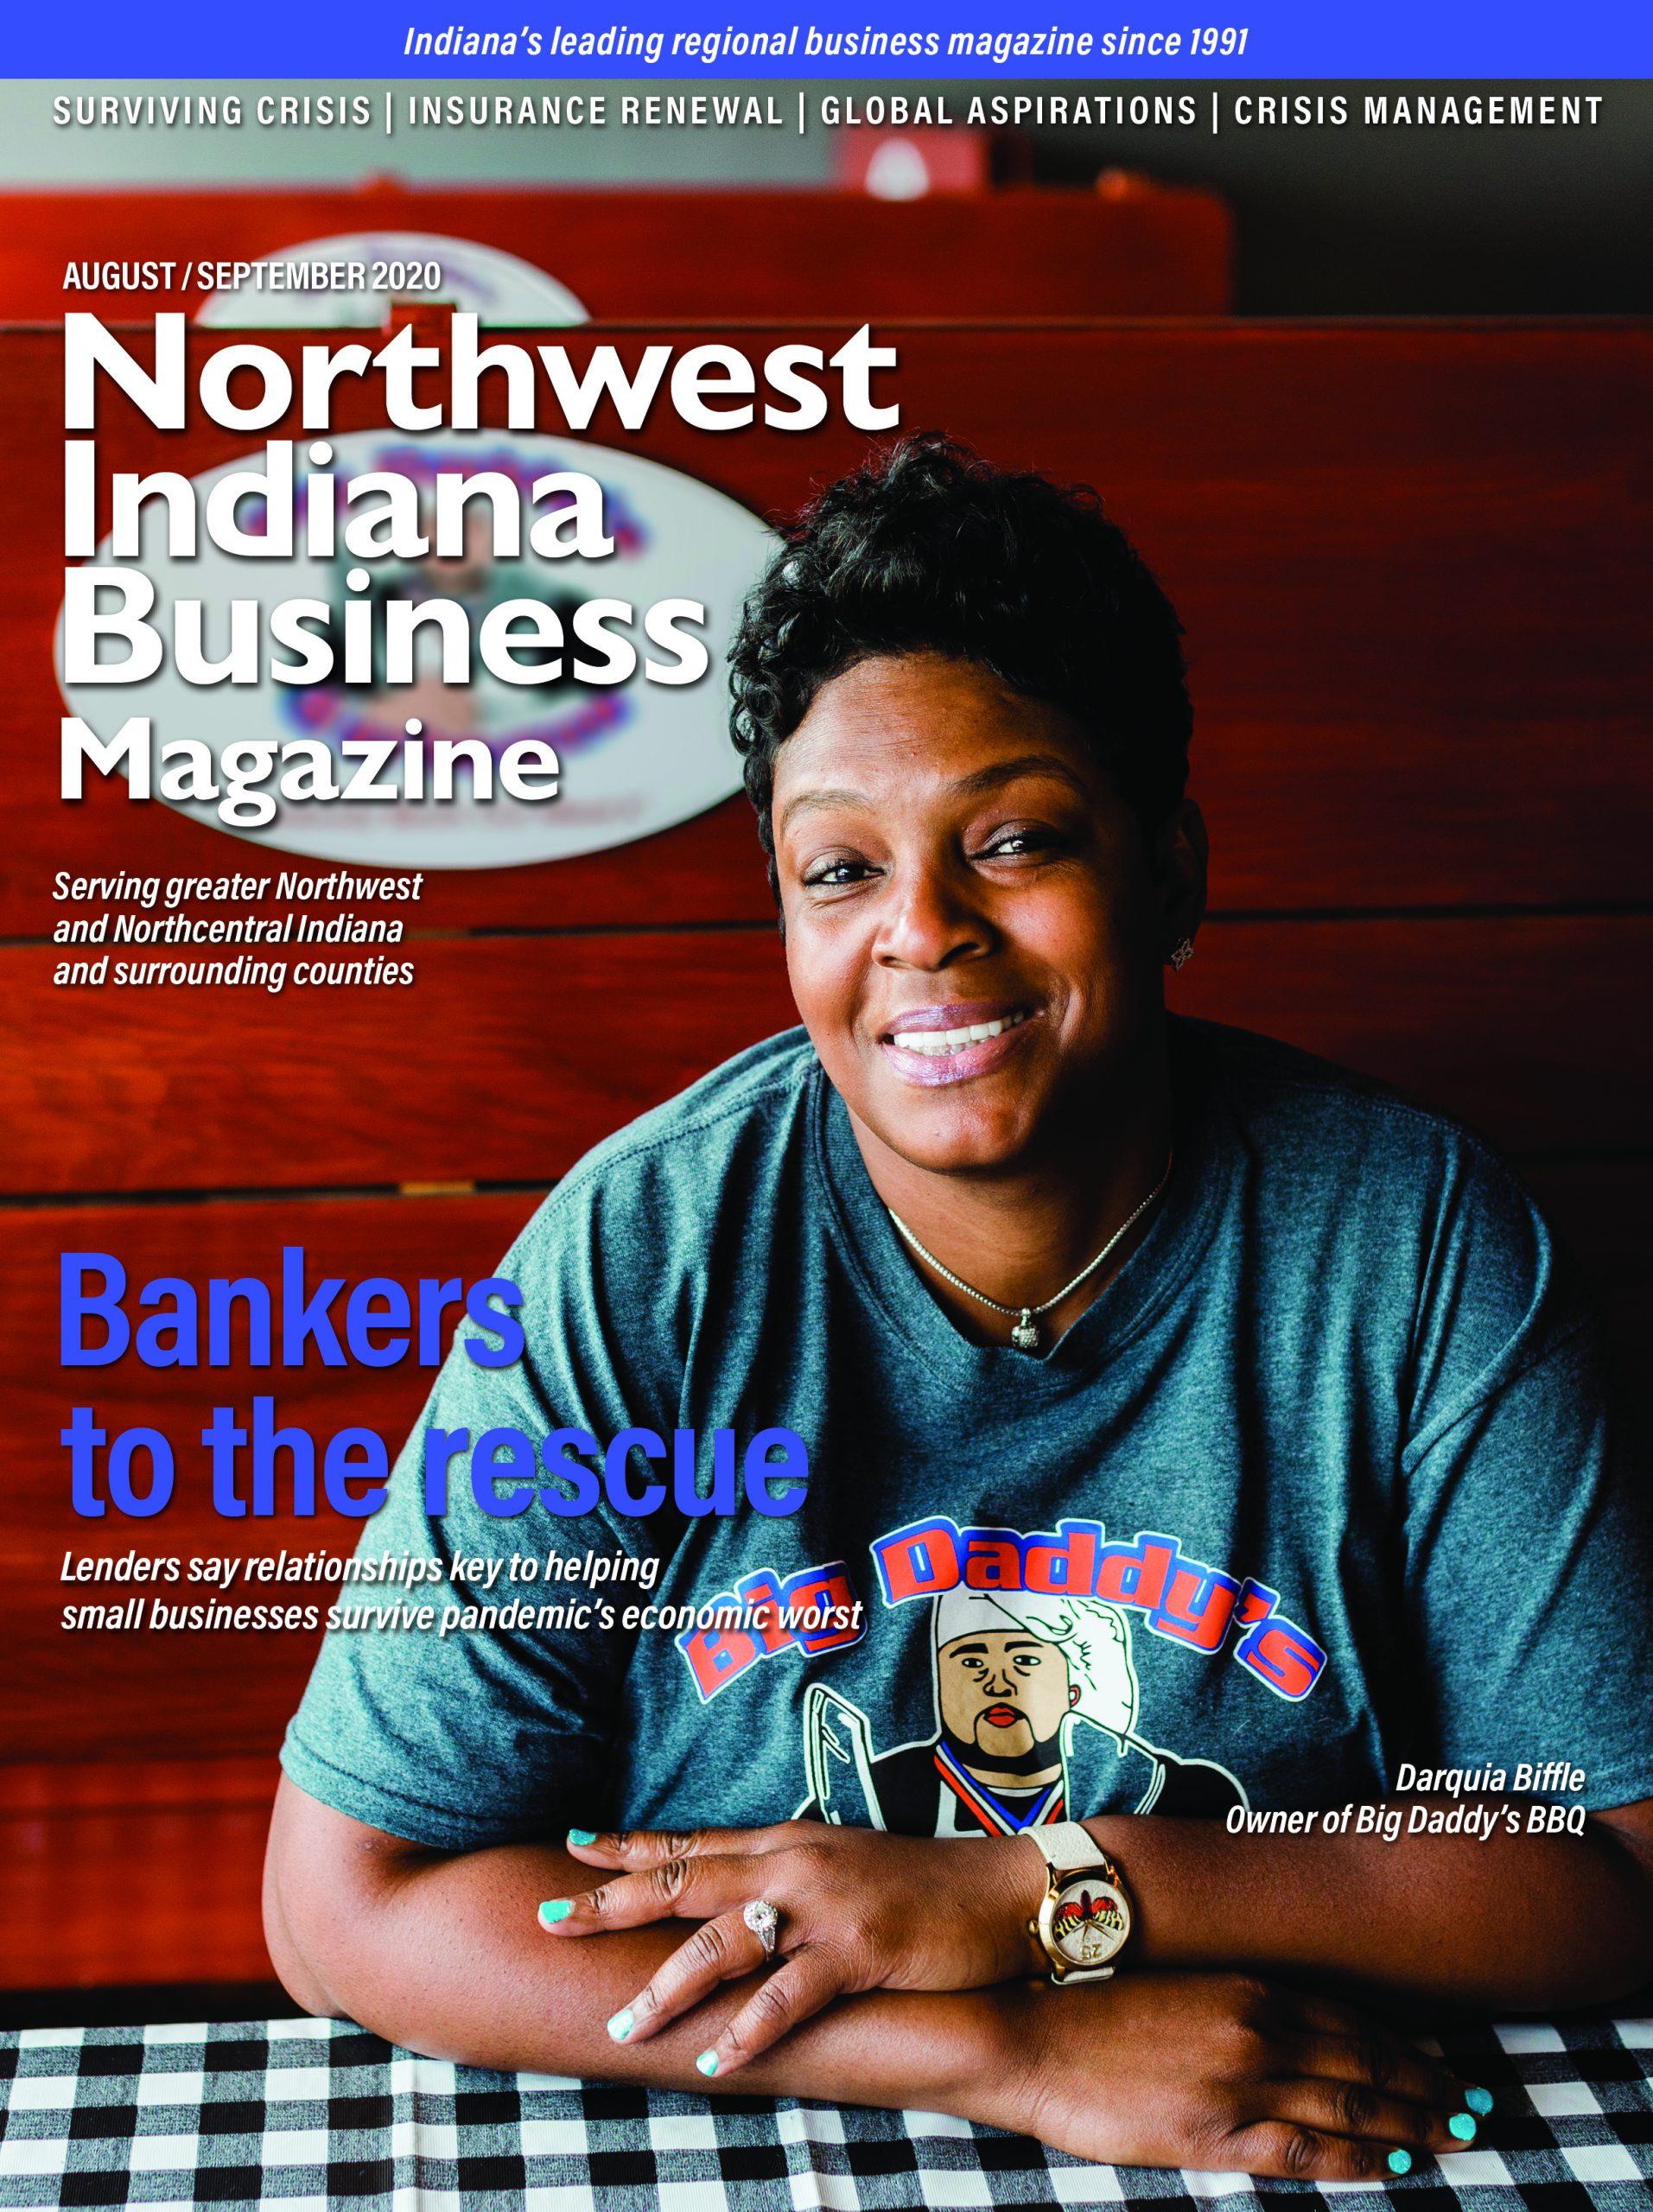 Northwest Indiana Business Magazine Aug-Sep 2020 issue